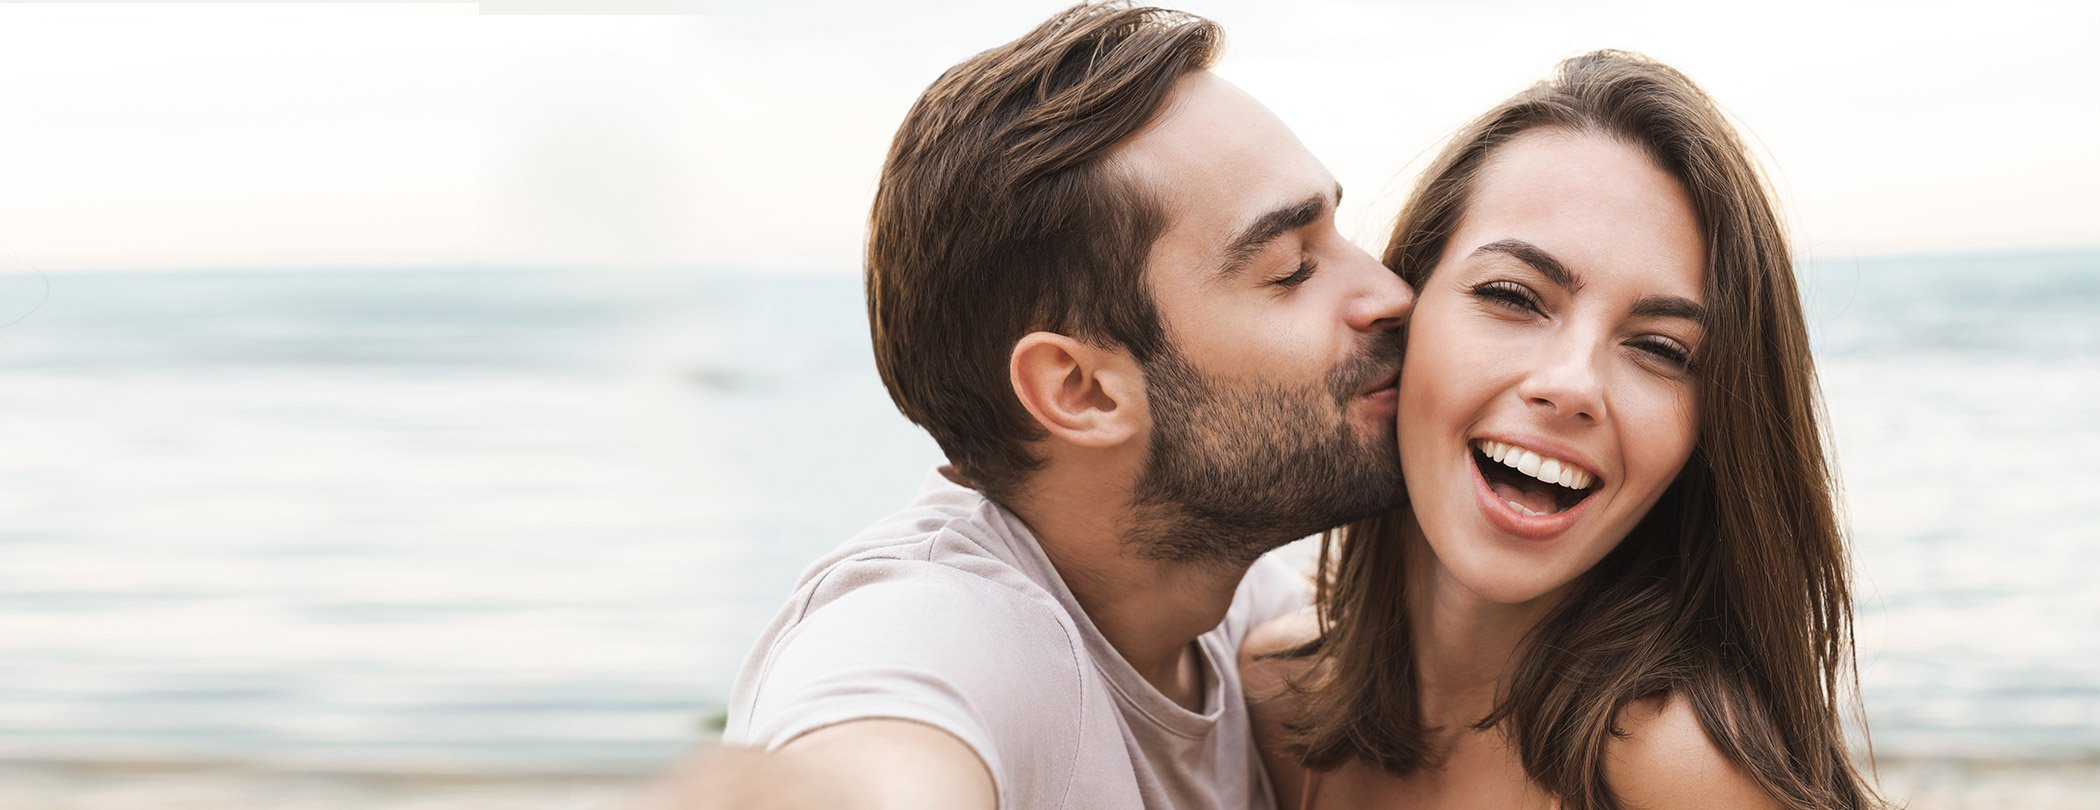 İlişkinizle ilgili kafana takılanlar mı var? Sevgilin sana gerçekten aşık mı? İlişkinizde aşkın azaldığını mı düşünüyorsun? Tanışmadan ilk buluşmaya, flörtten ayrılığa aşka dair her şey tam burada!